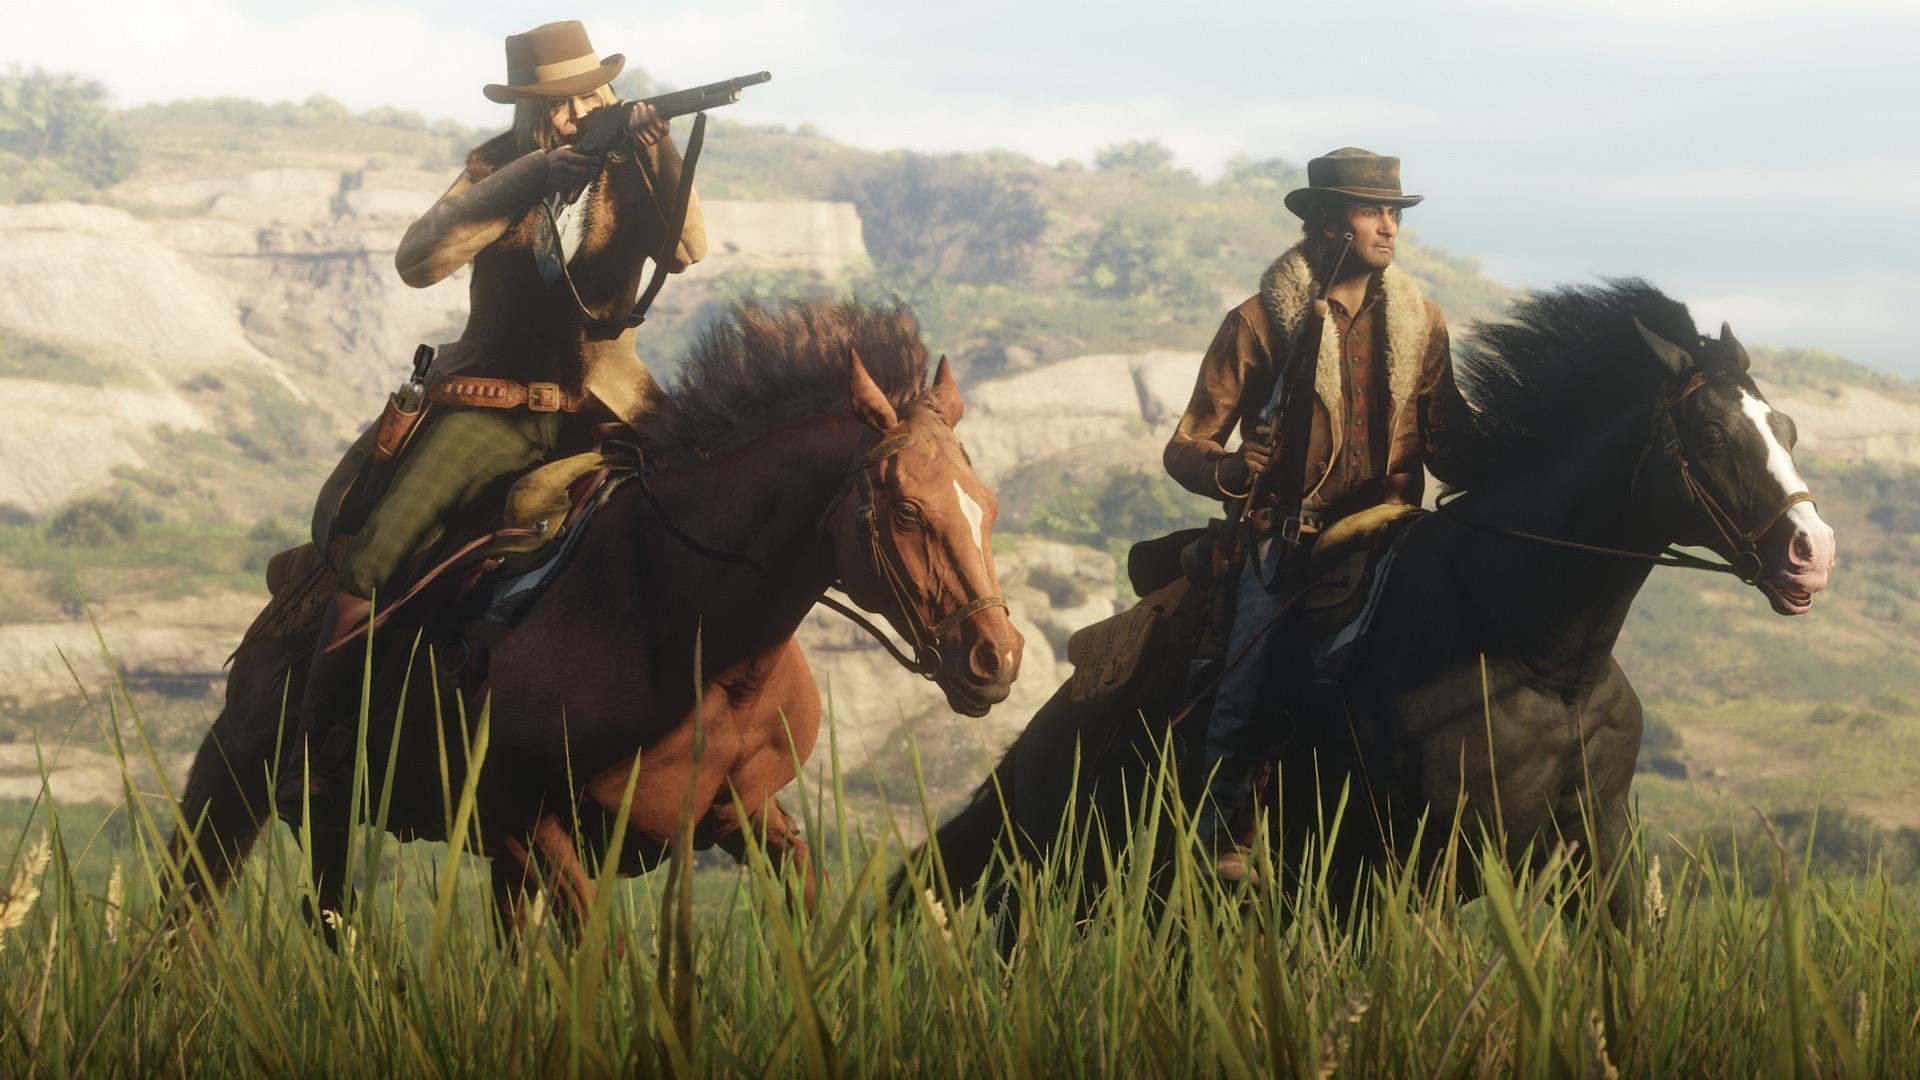 Online matchmaking (Gun rush Xbox one): reddeadredemption